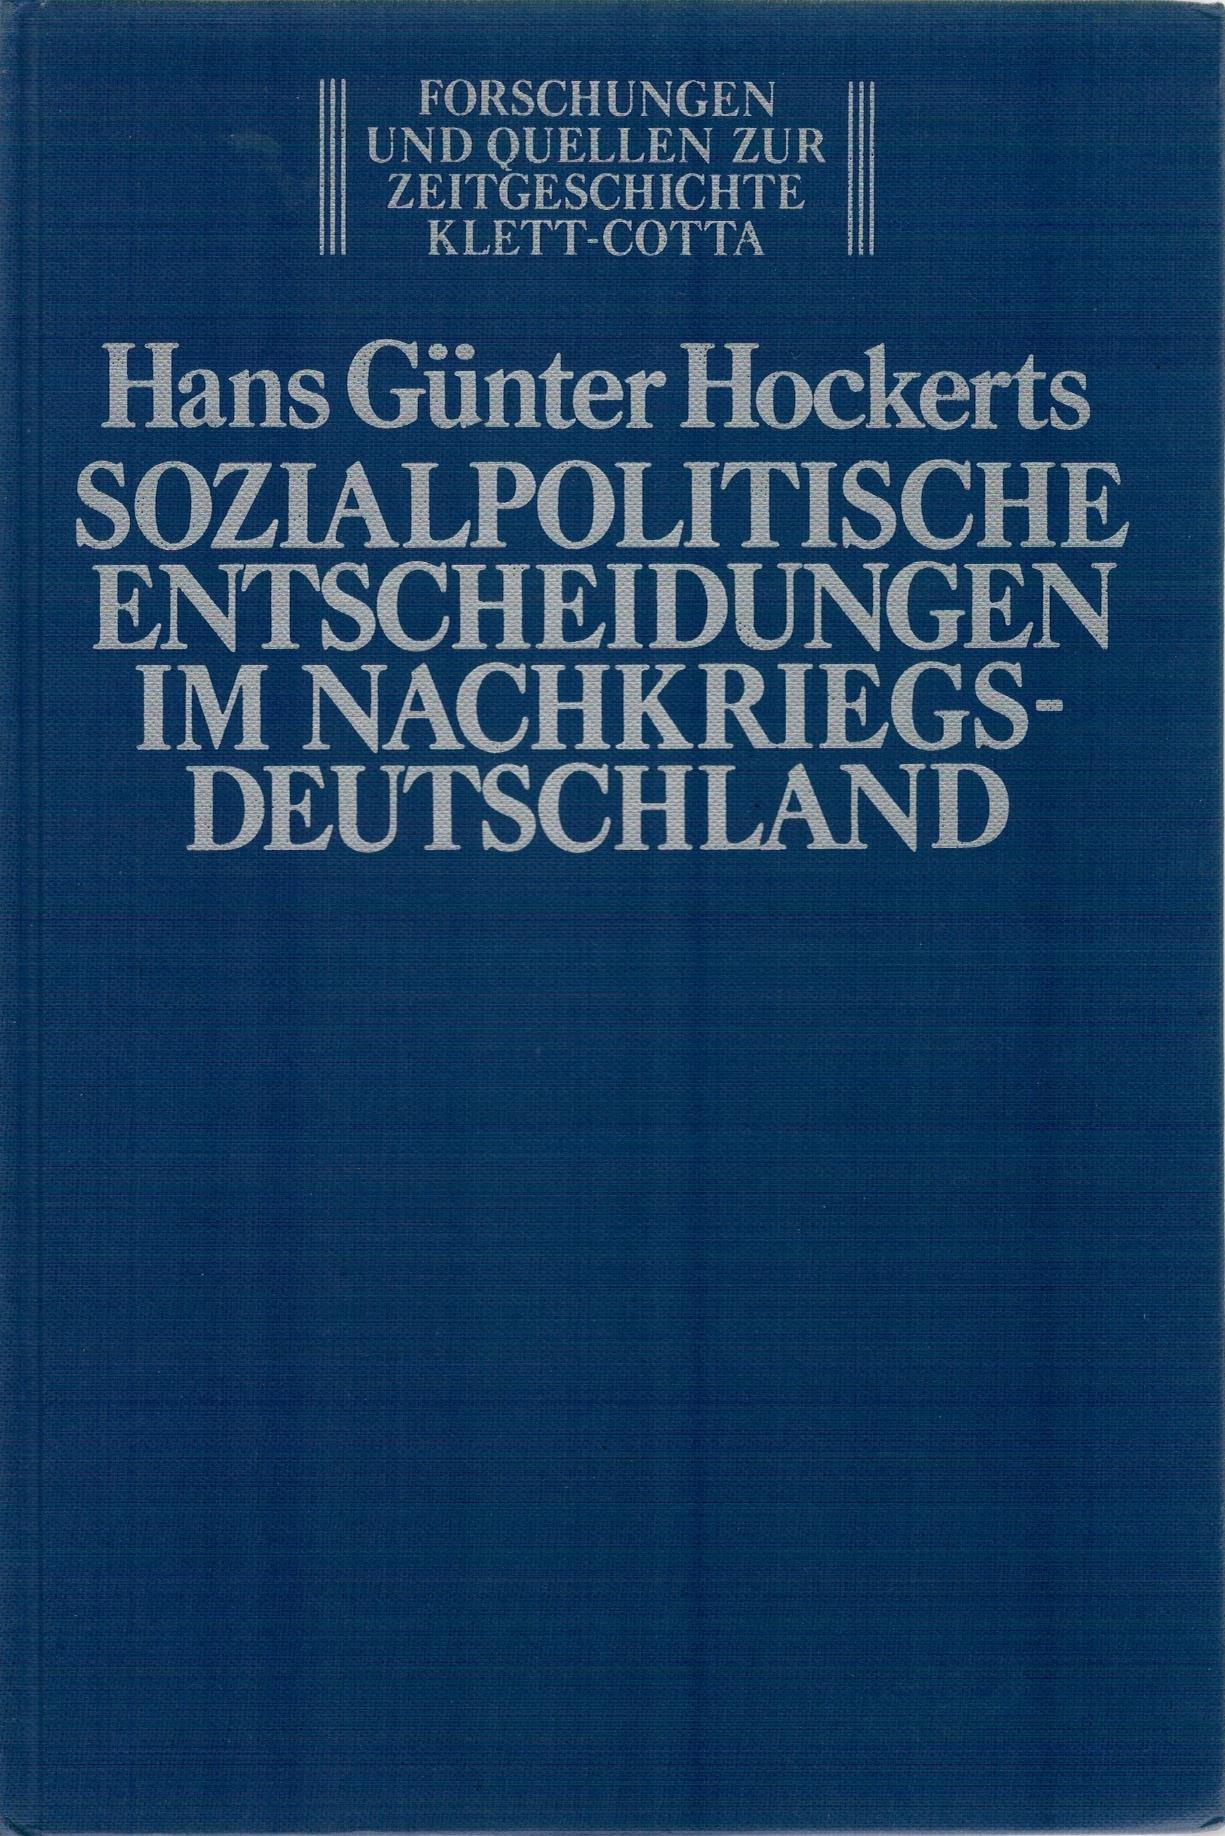 Sozialpolitische Entscheidungen im Nachkriegsdeutschland Gebundenes Buch – Januar 1994 Hans G Hockerts Klett-Cotta Stgt. 3129129103